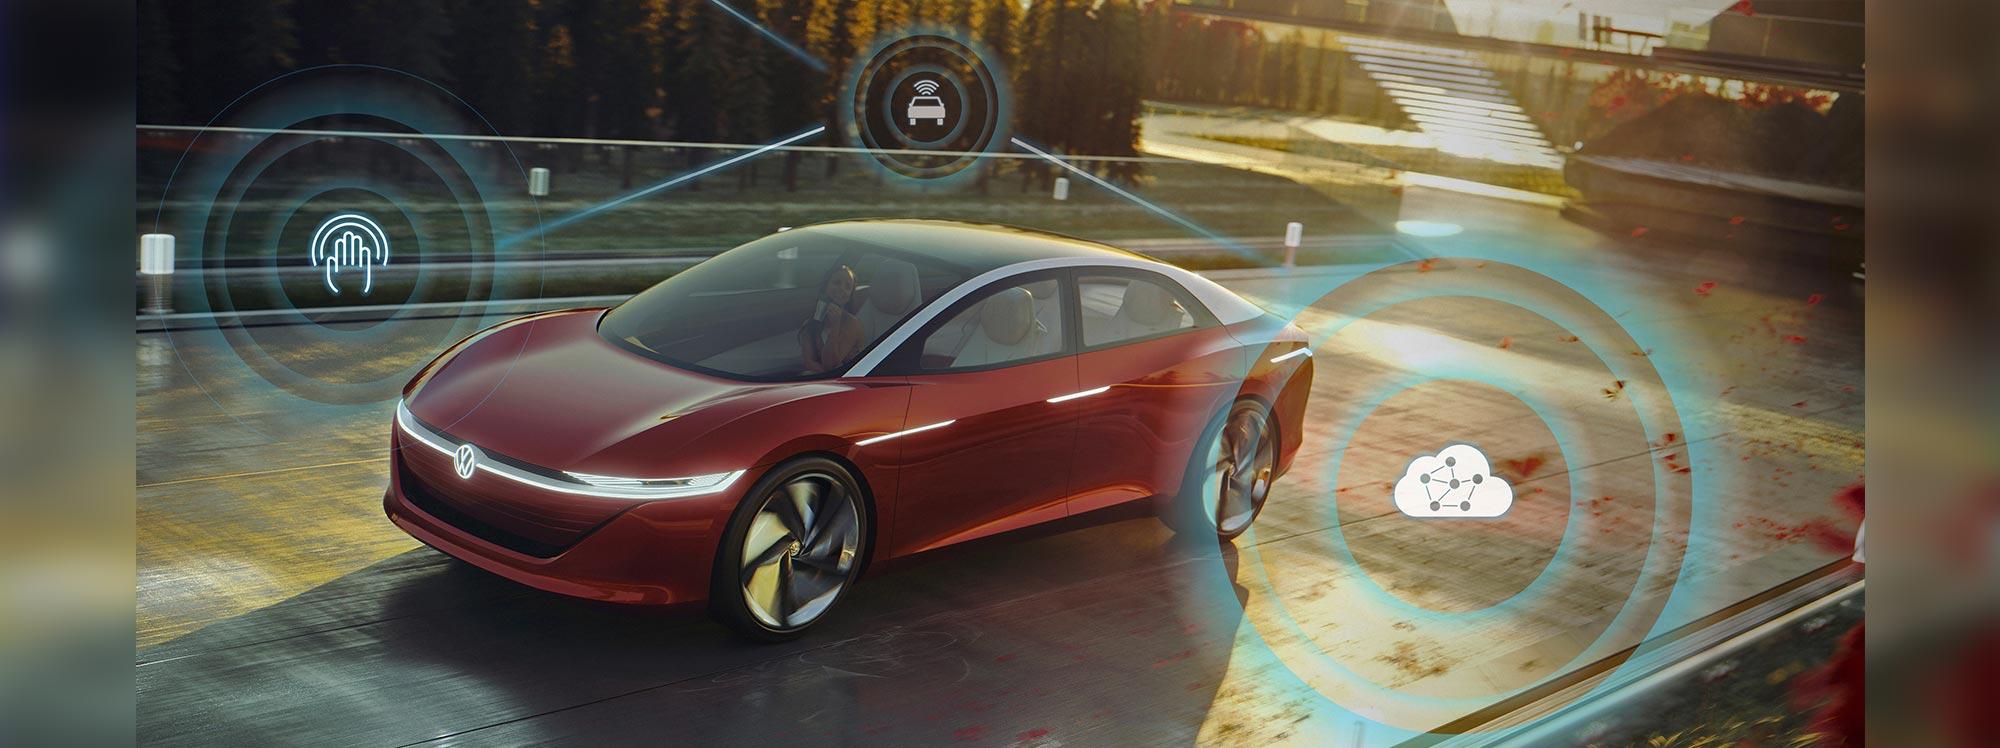 Este software es la clave del futuro de Volkswagen